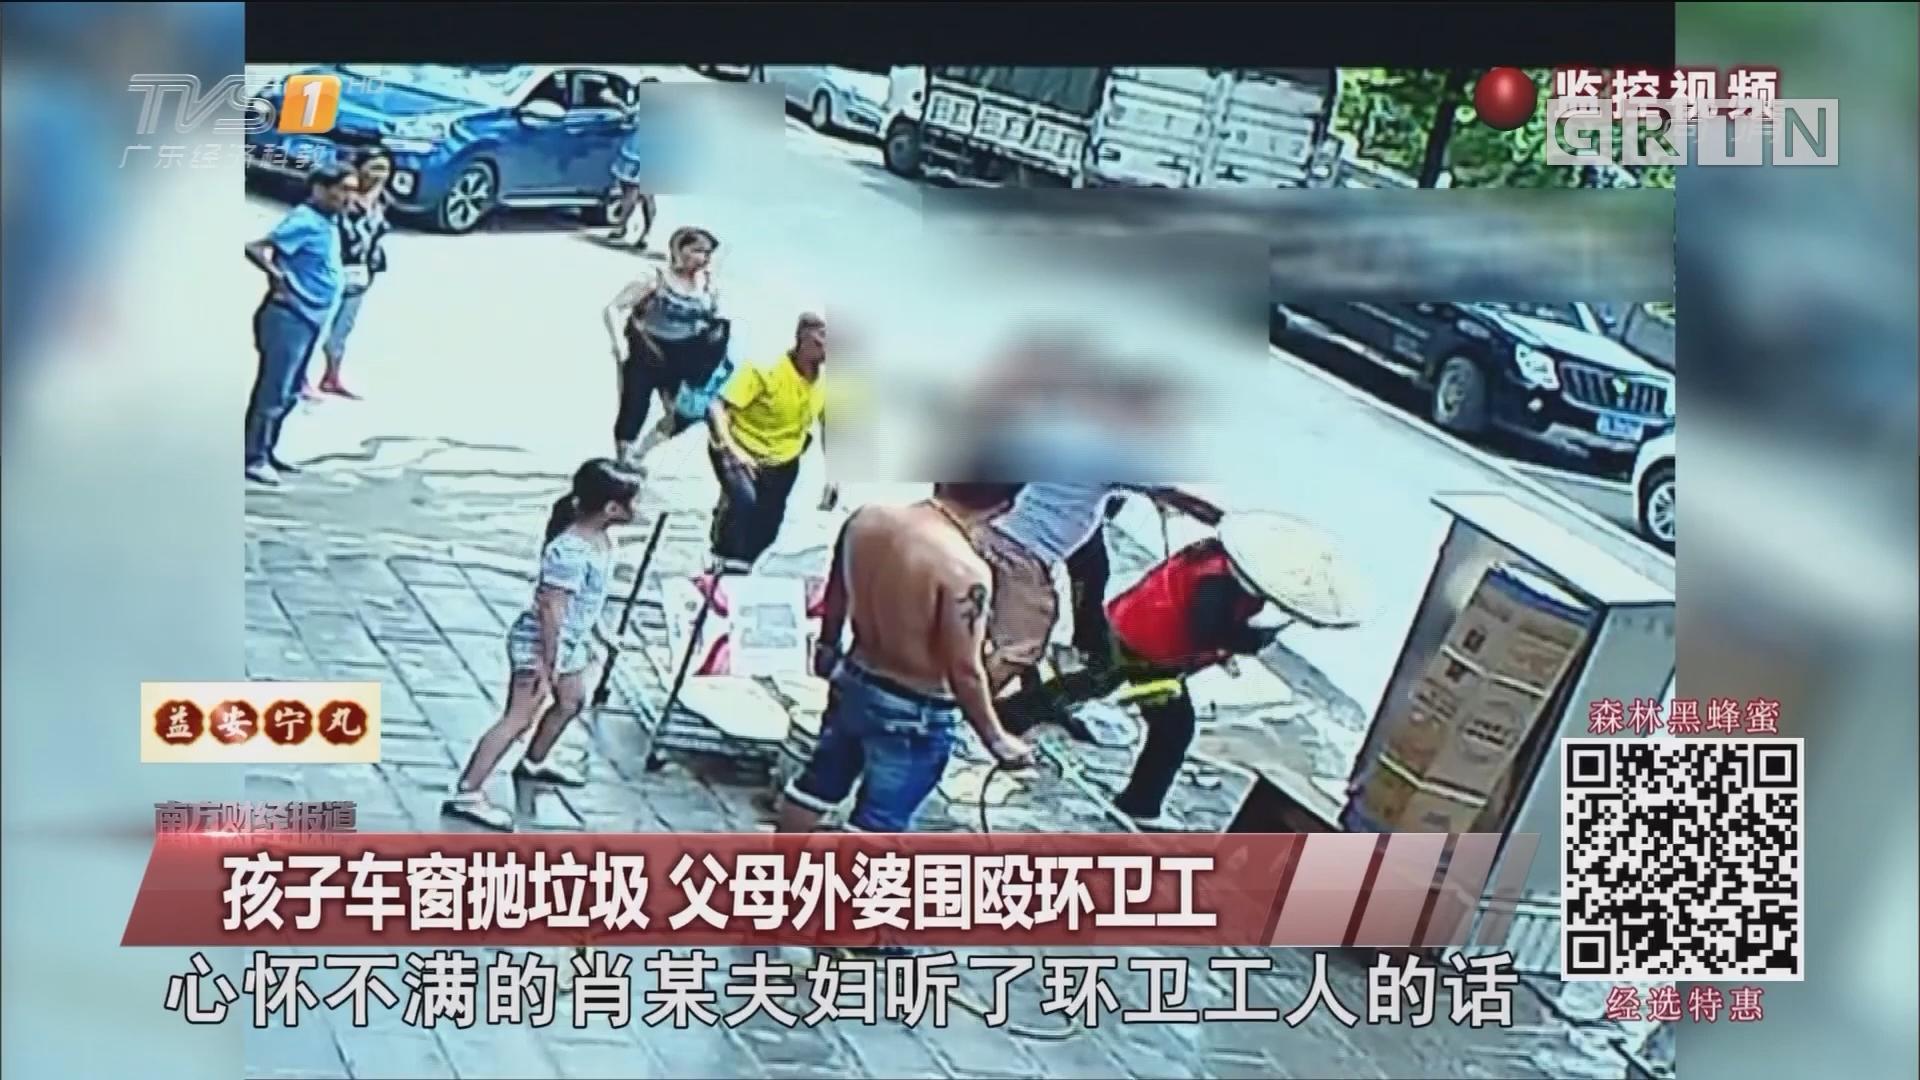 孩子车窗抛垃圾 父母外婆围殴环卫工